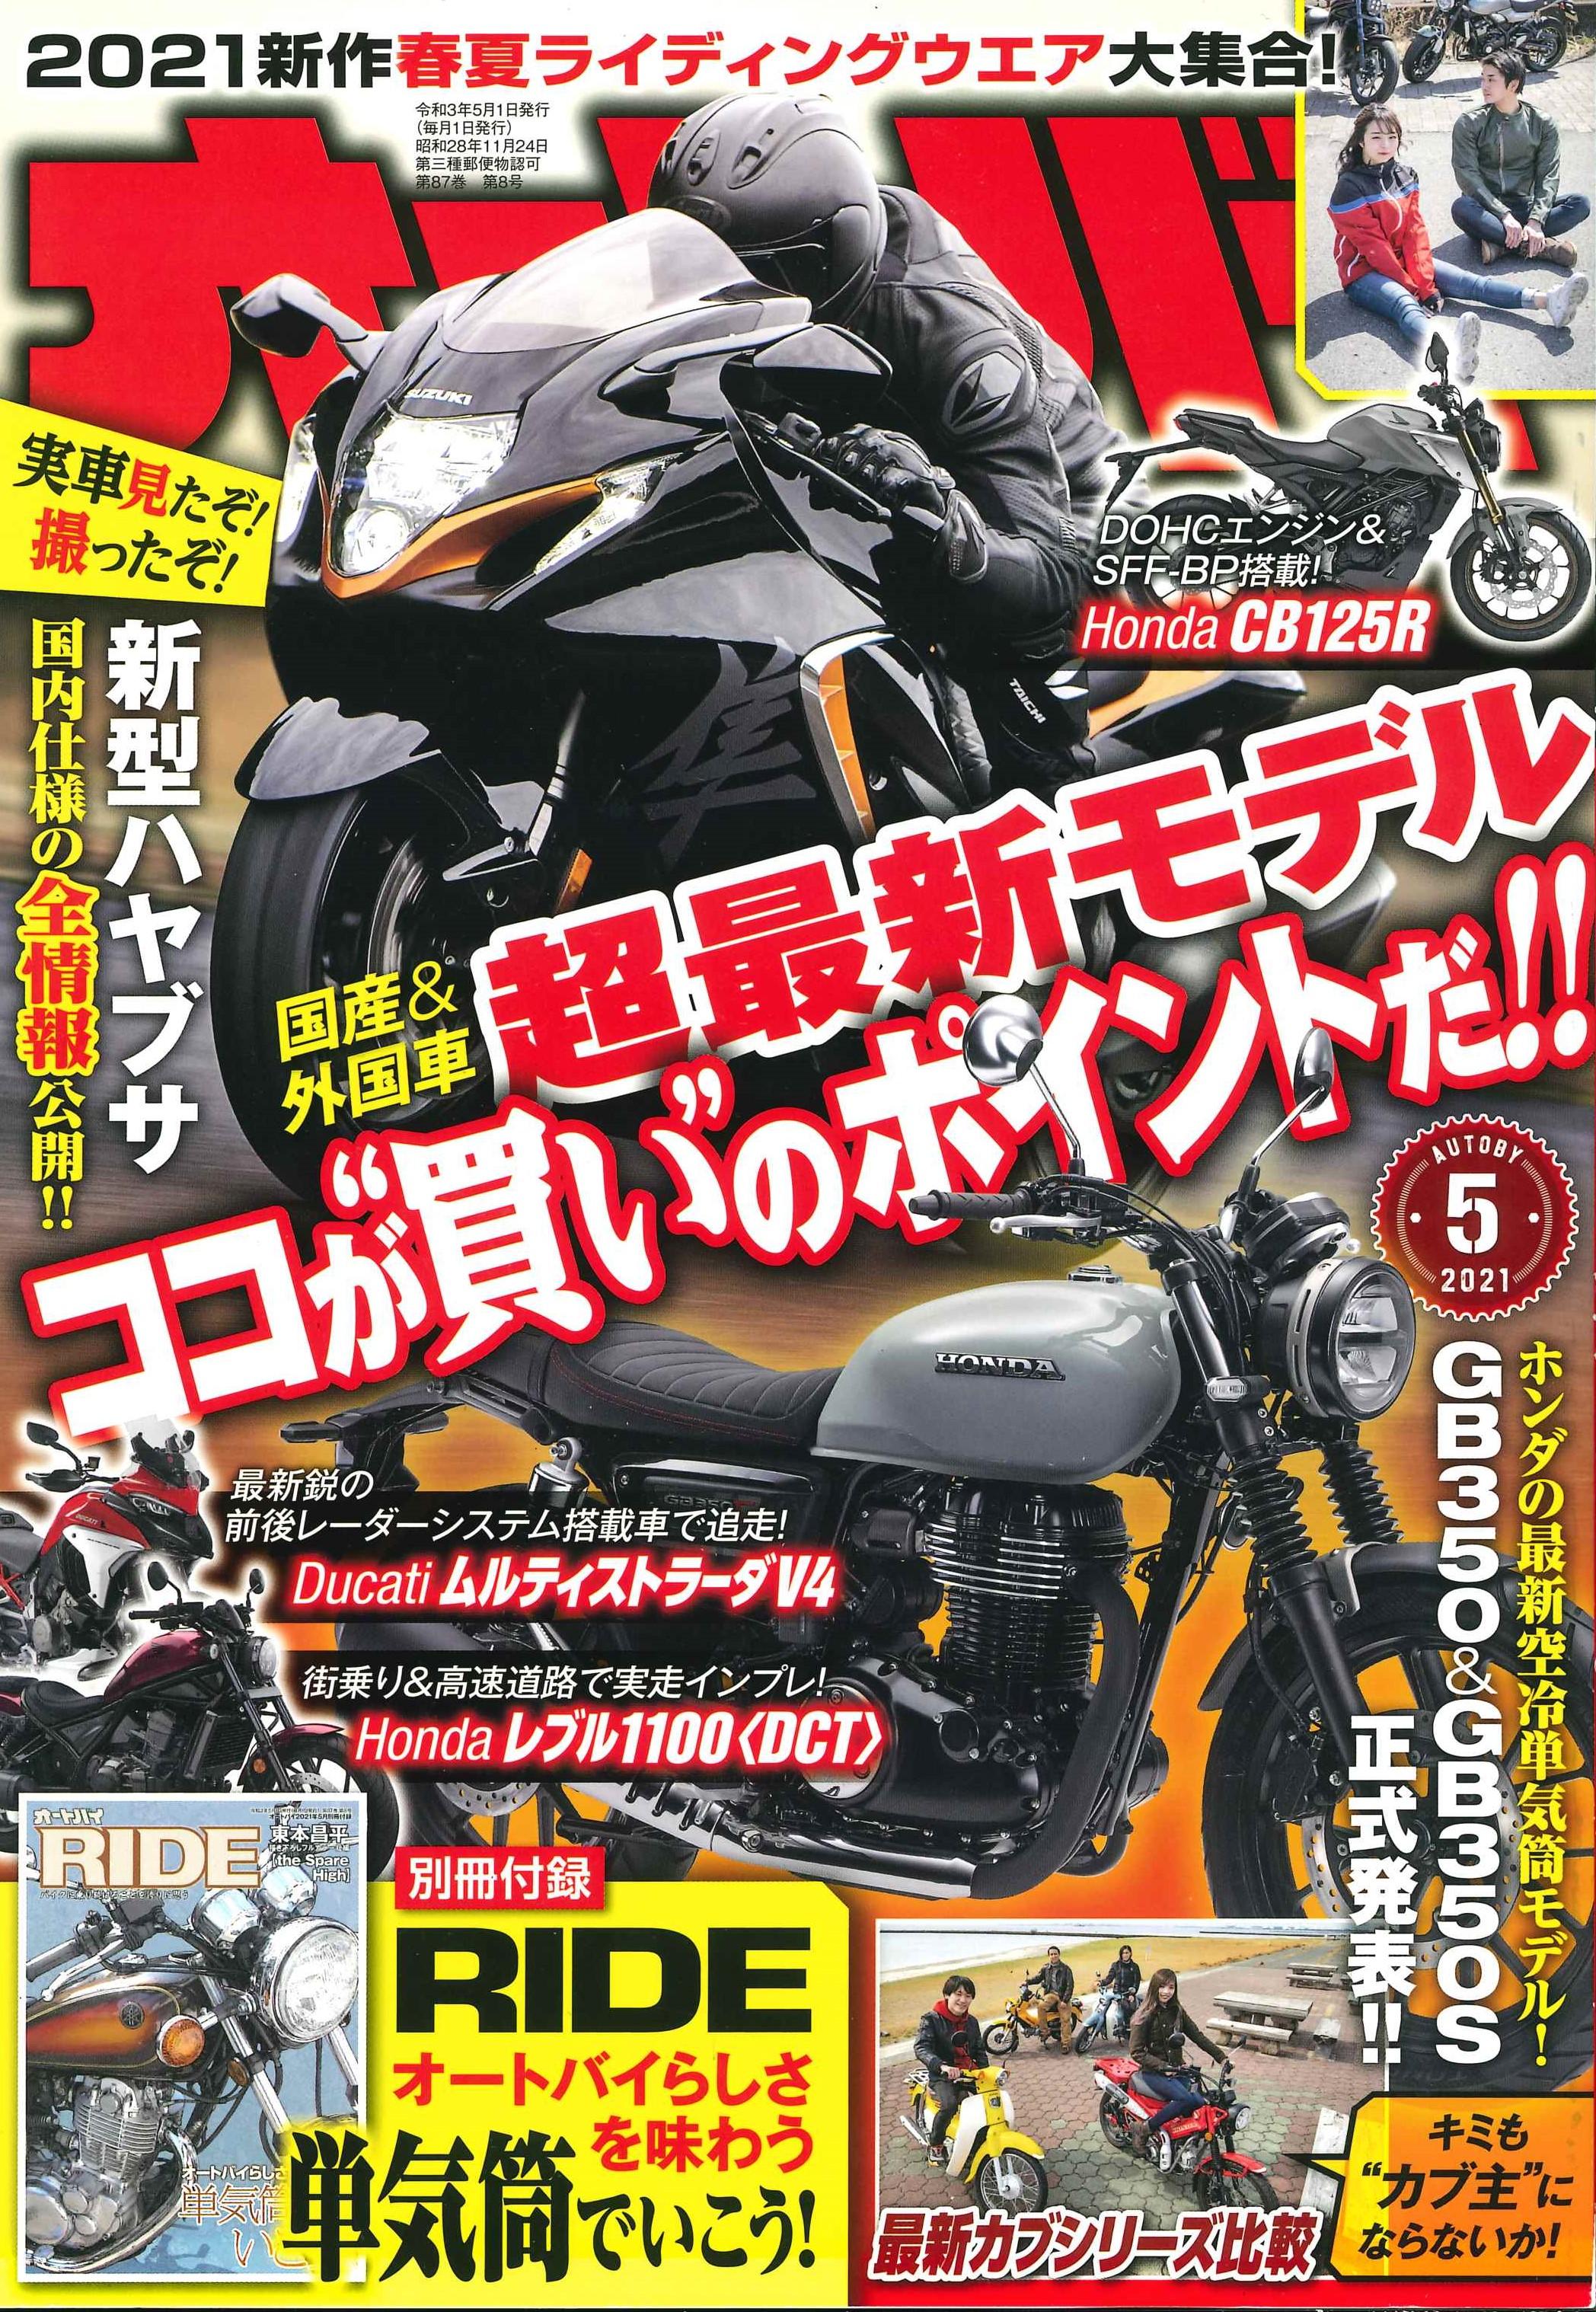 【月刊オートバイ 2021年5月号掲載】B+COM Ruby Red(ルビーレッド) シリーズ